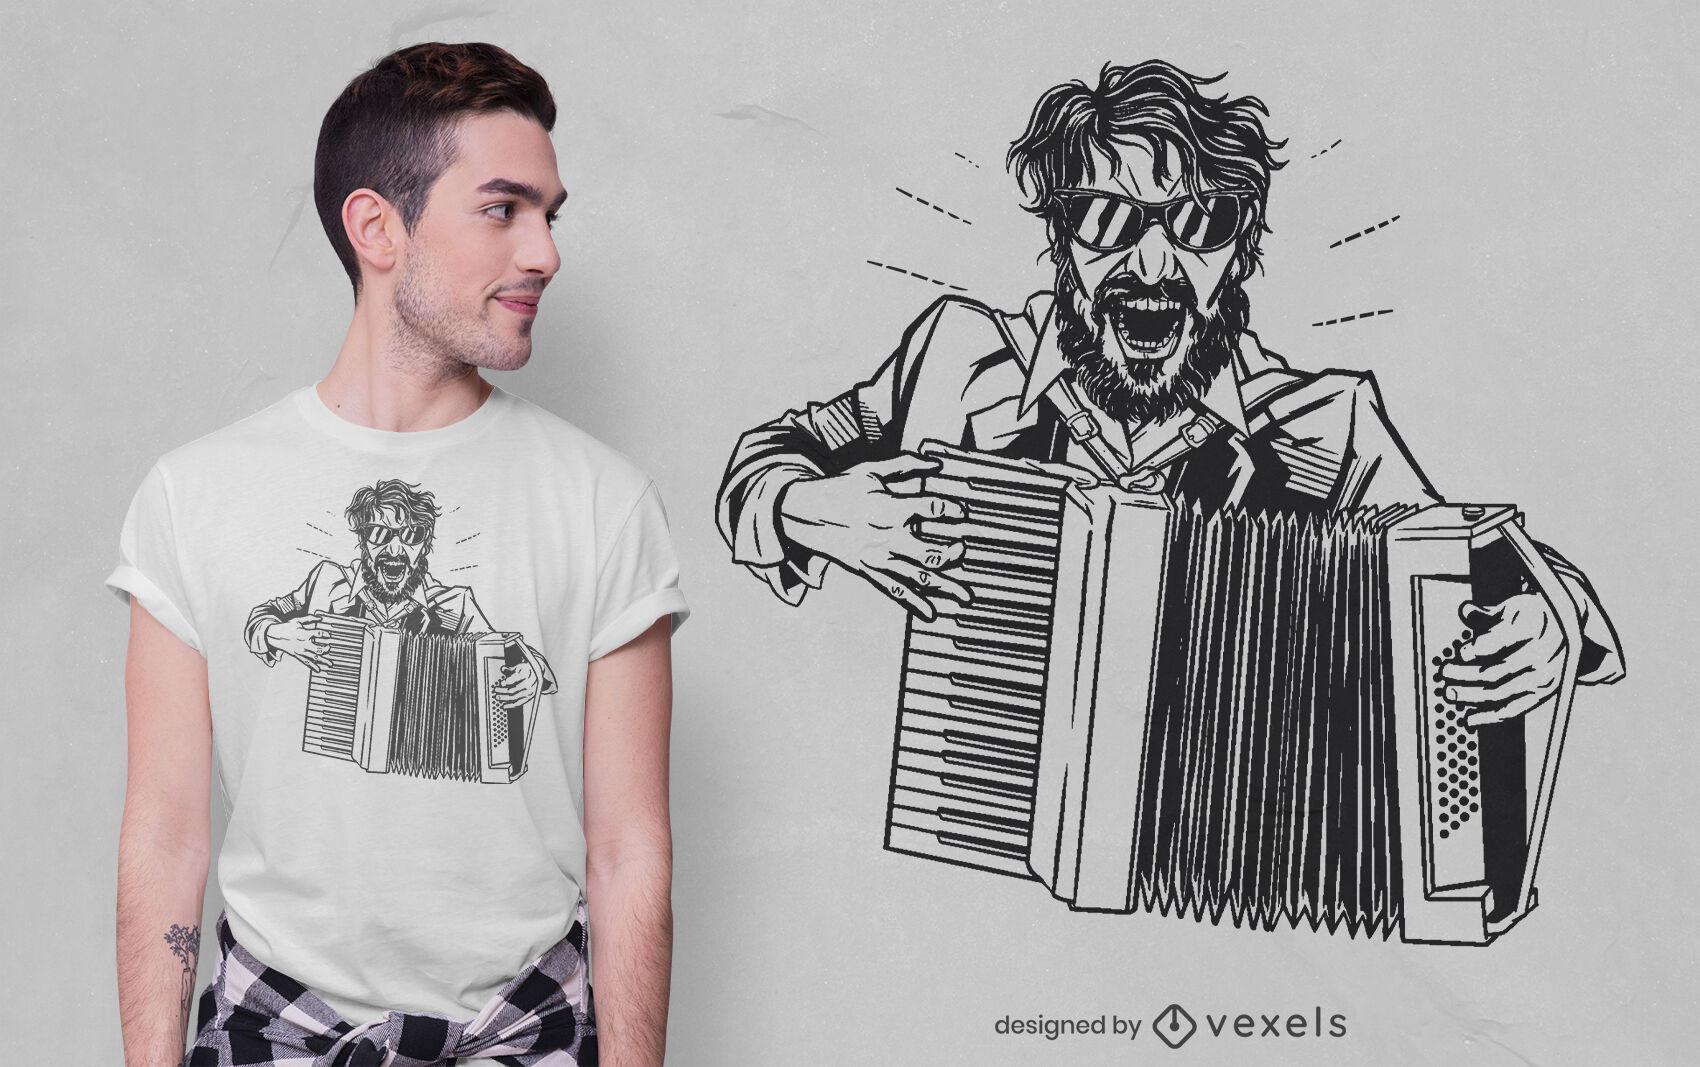 Verrücktes Akkordeonspieler-T-Shirt-Design